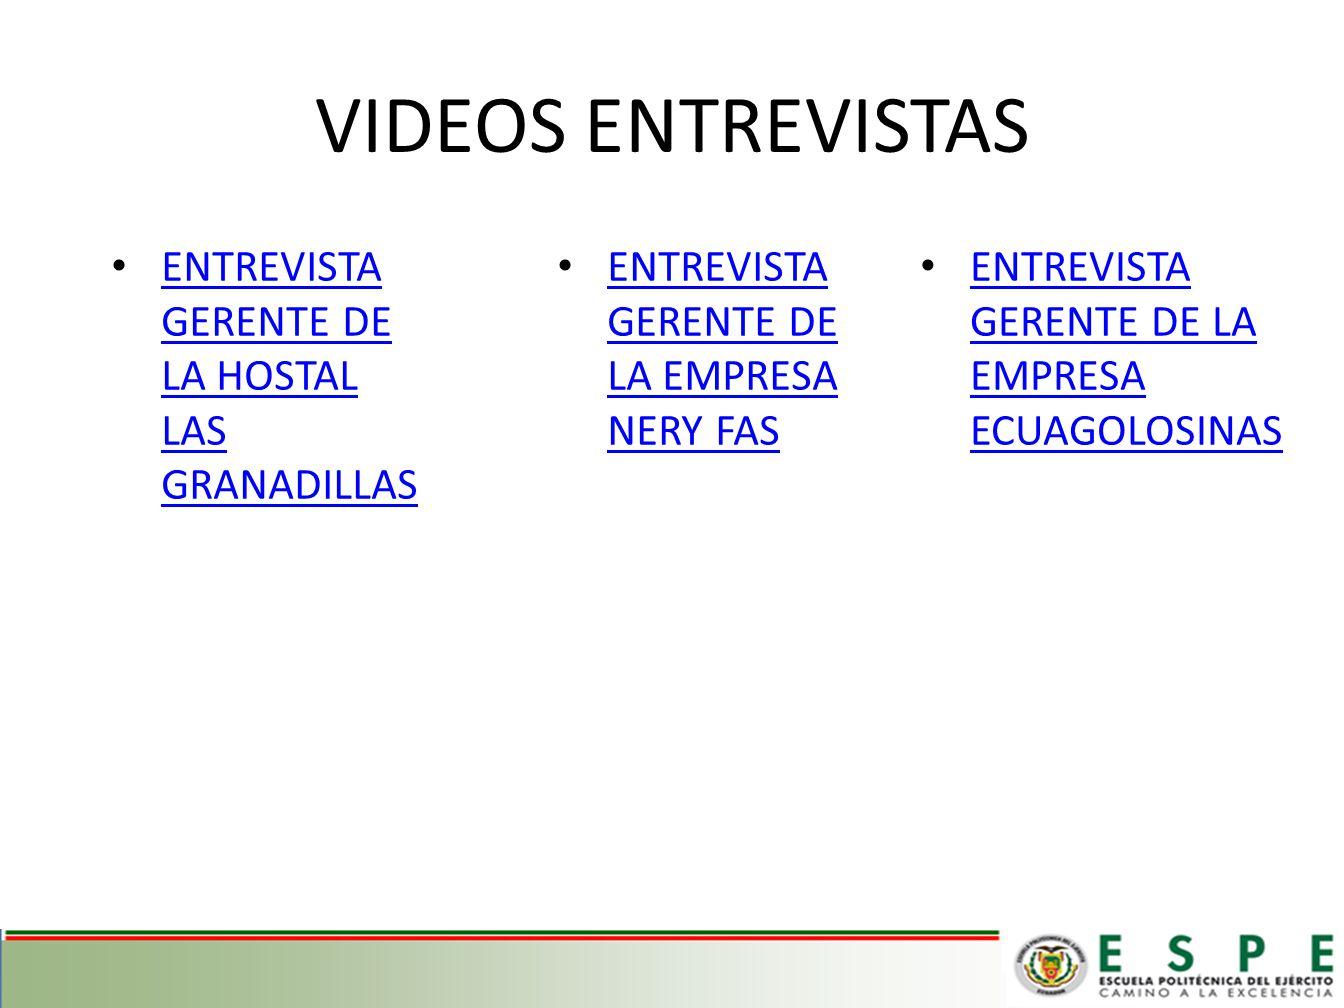 VIDEOS ENTREVISTAS ENTREVISTA GERENTE DE LA HOSTAL LAS GRANADILLAS ENTREVISTA GERENTE DE LA HOSTAL LAS GRANADILLAS ENTREVISTA GERENTE DE LA EMPRESA NE